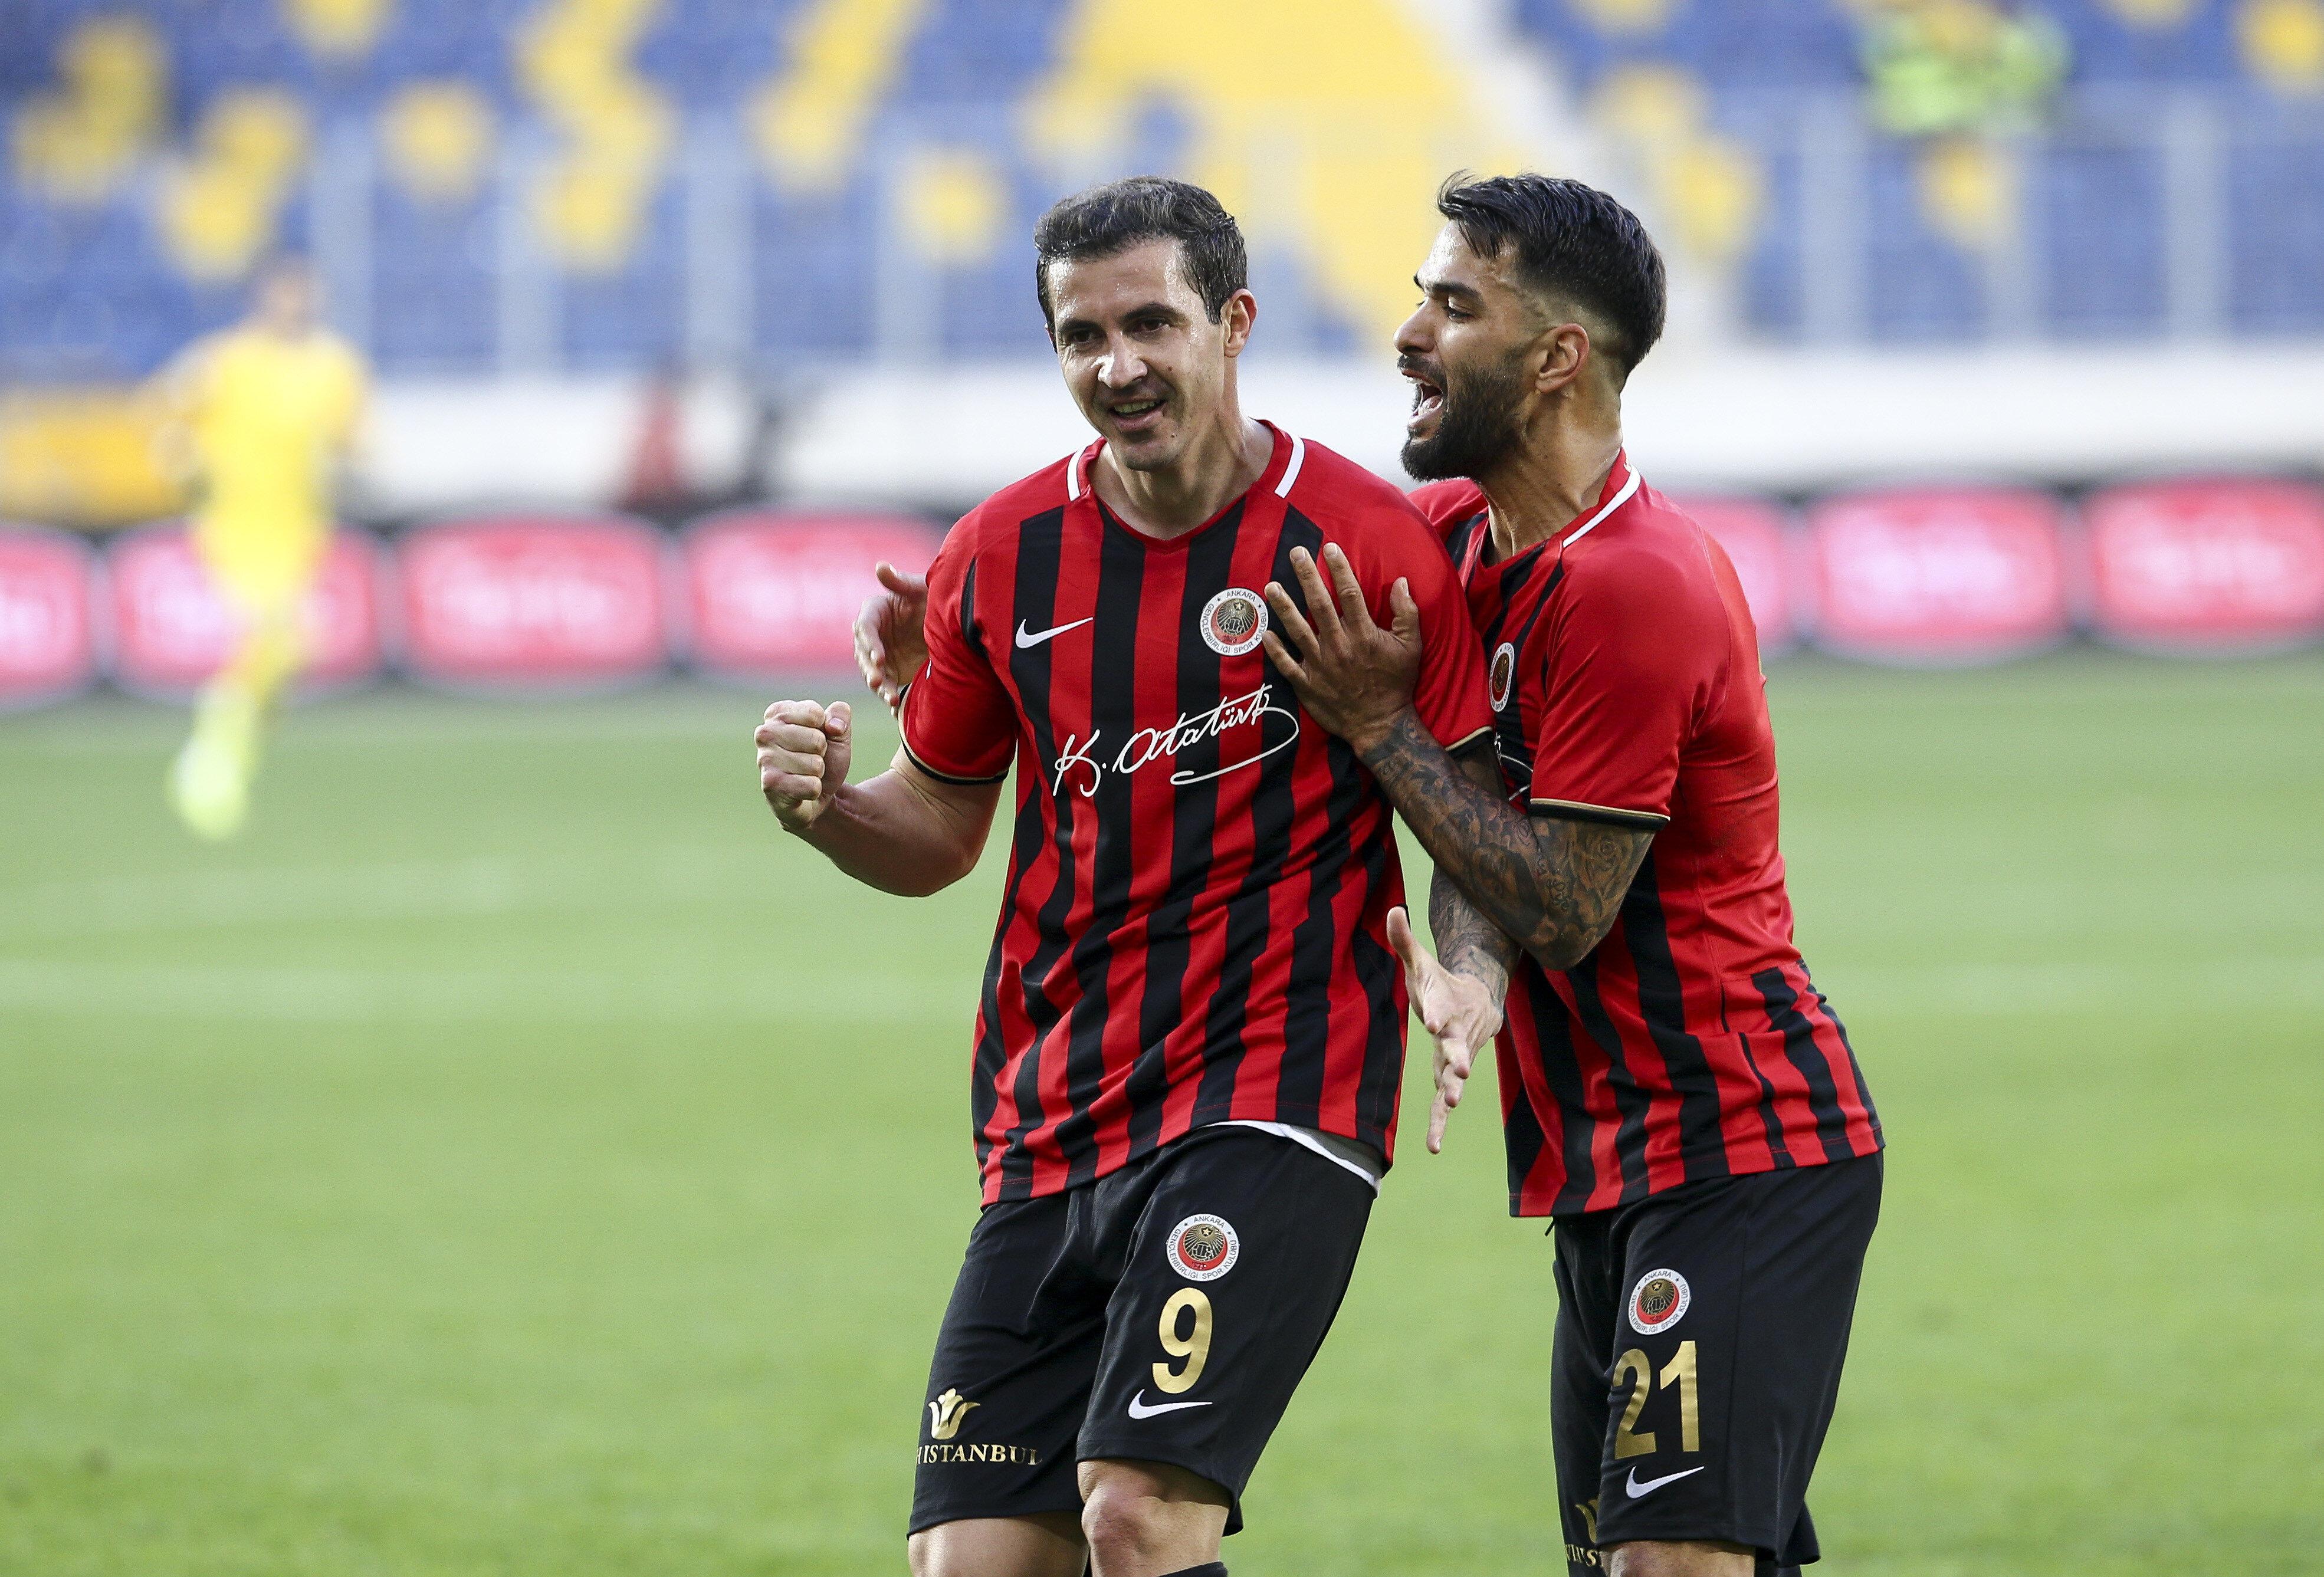 Stancu bu sezon lider çıktığı 17 maçta 12 gol atma başarısı gösterdi.